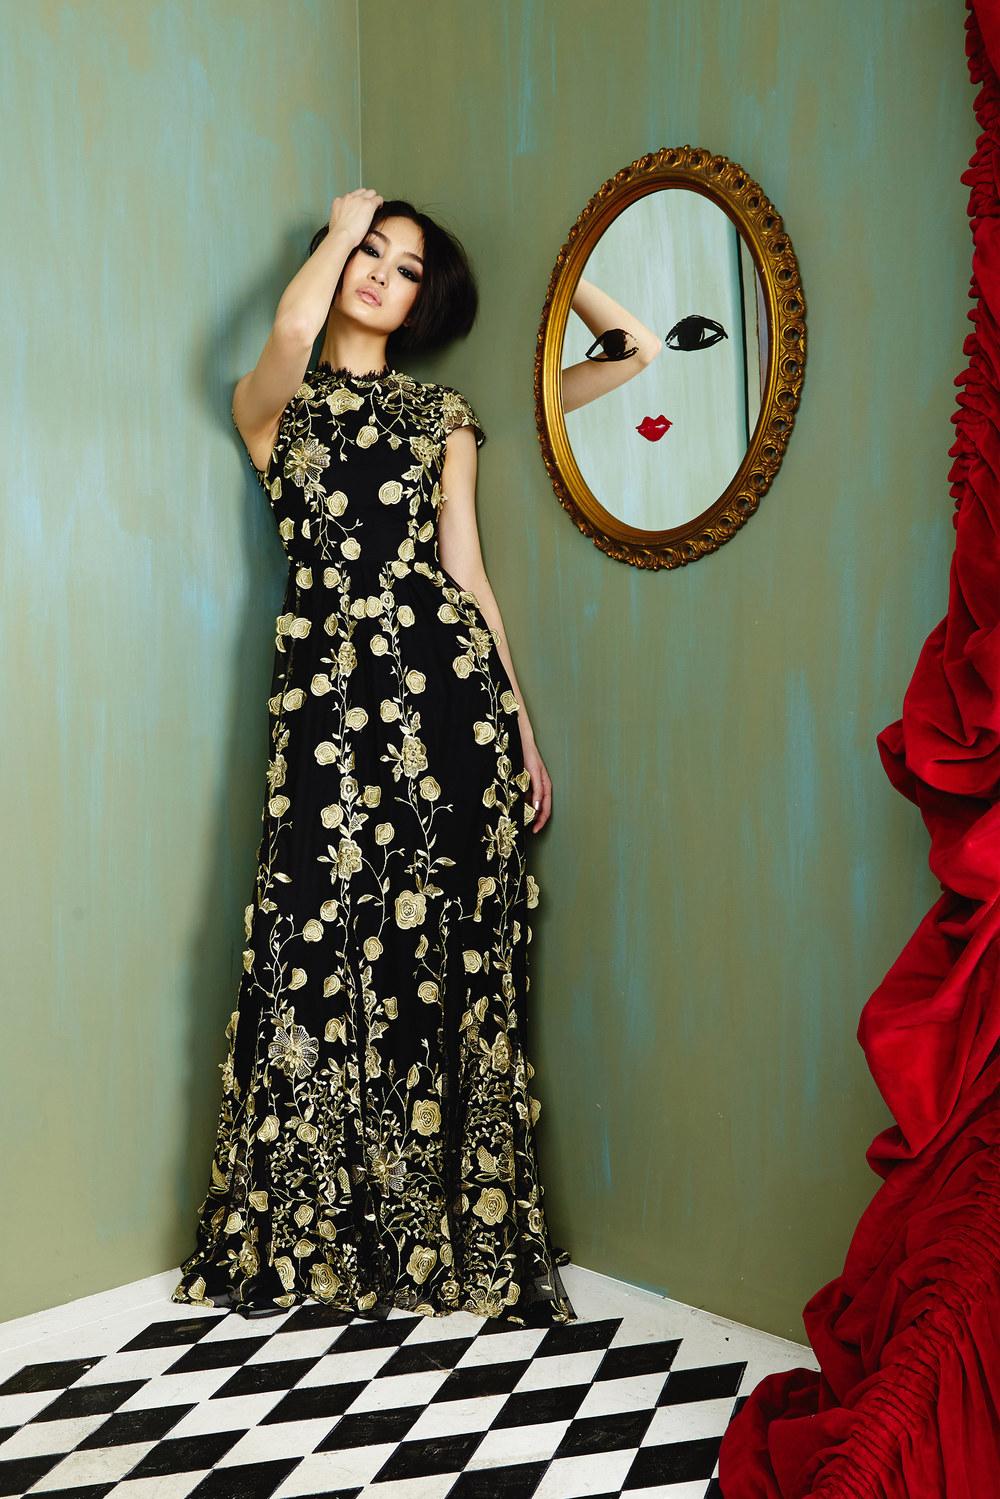 Alice + Olivia                        Vogue.com